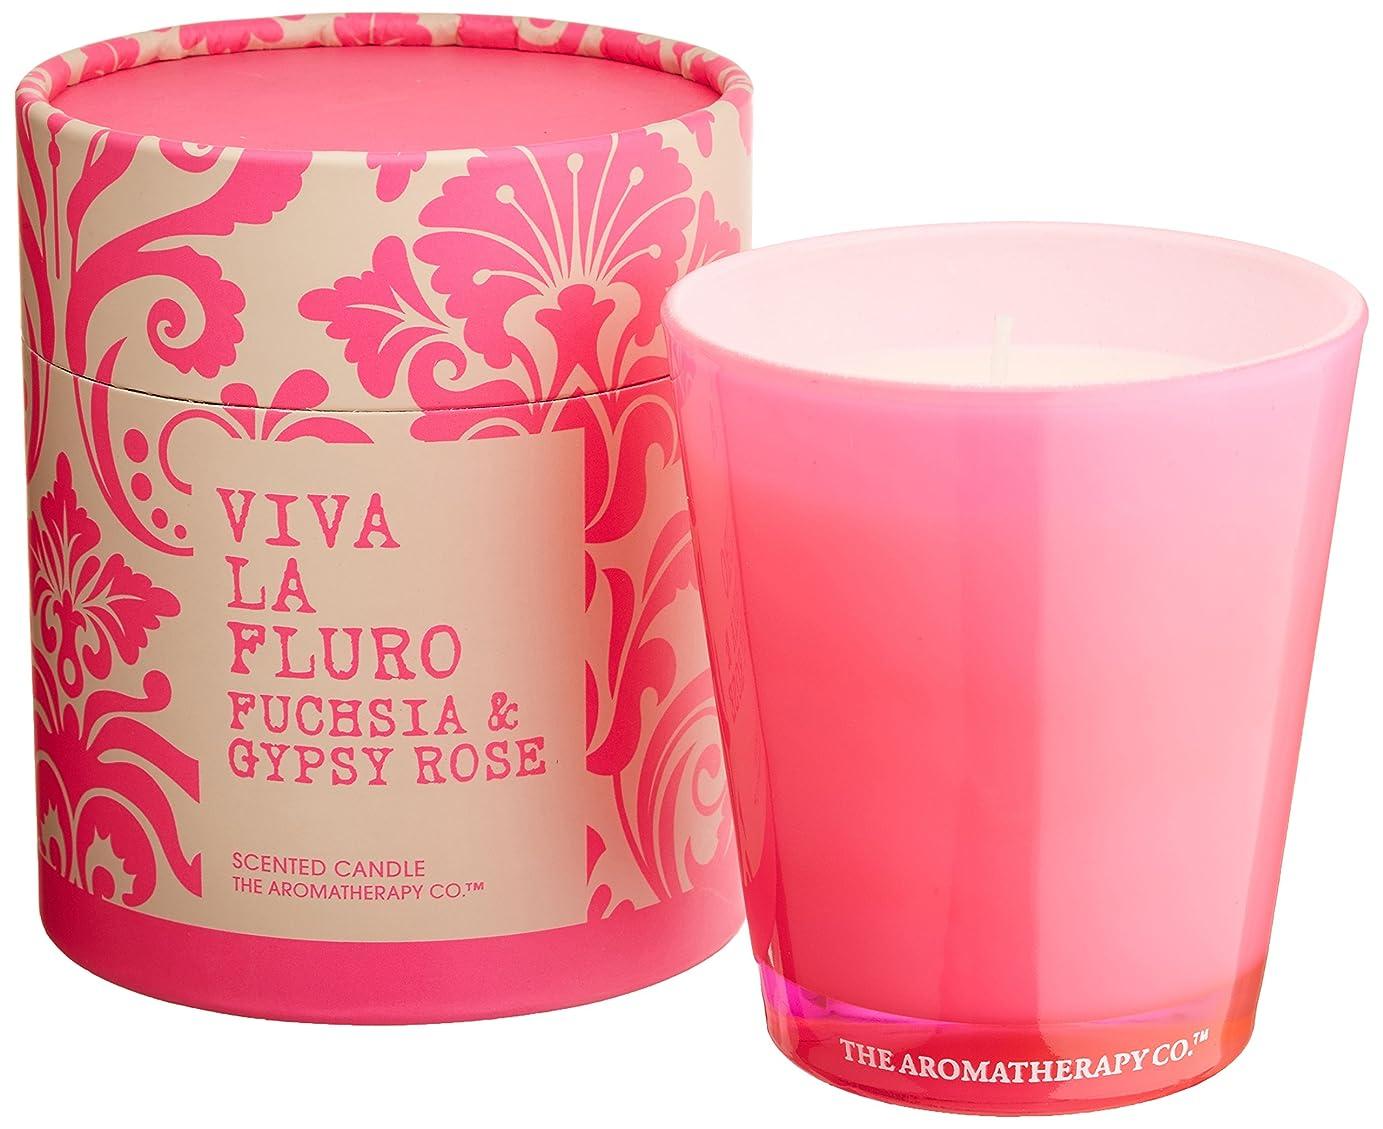 アーカイブ強大なラオス人VIVA LA FLURO センティッドキャンドル フューシャ&ジプシーローズ Fuchsia&Gypsy Rose ビバ?ラ?フルーロ